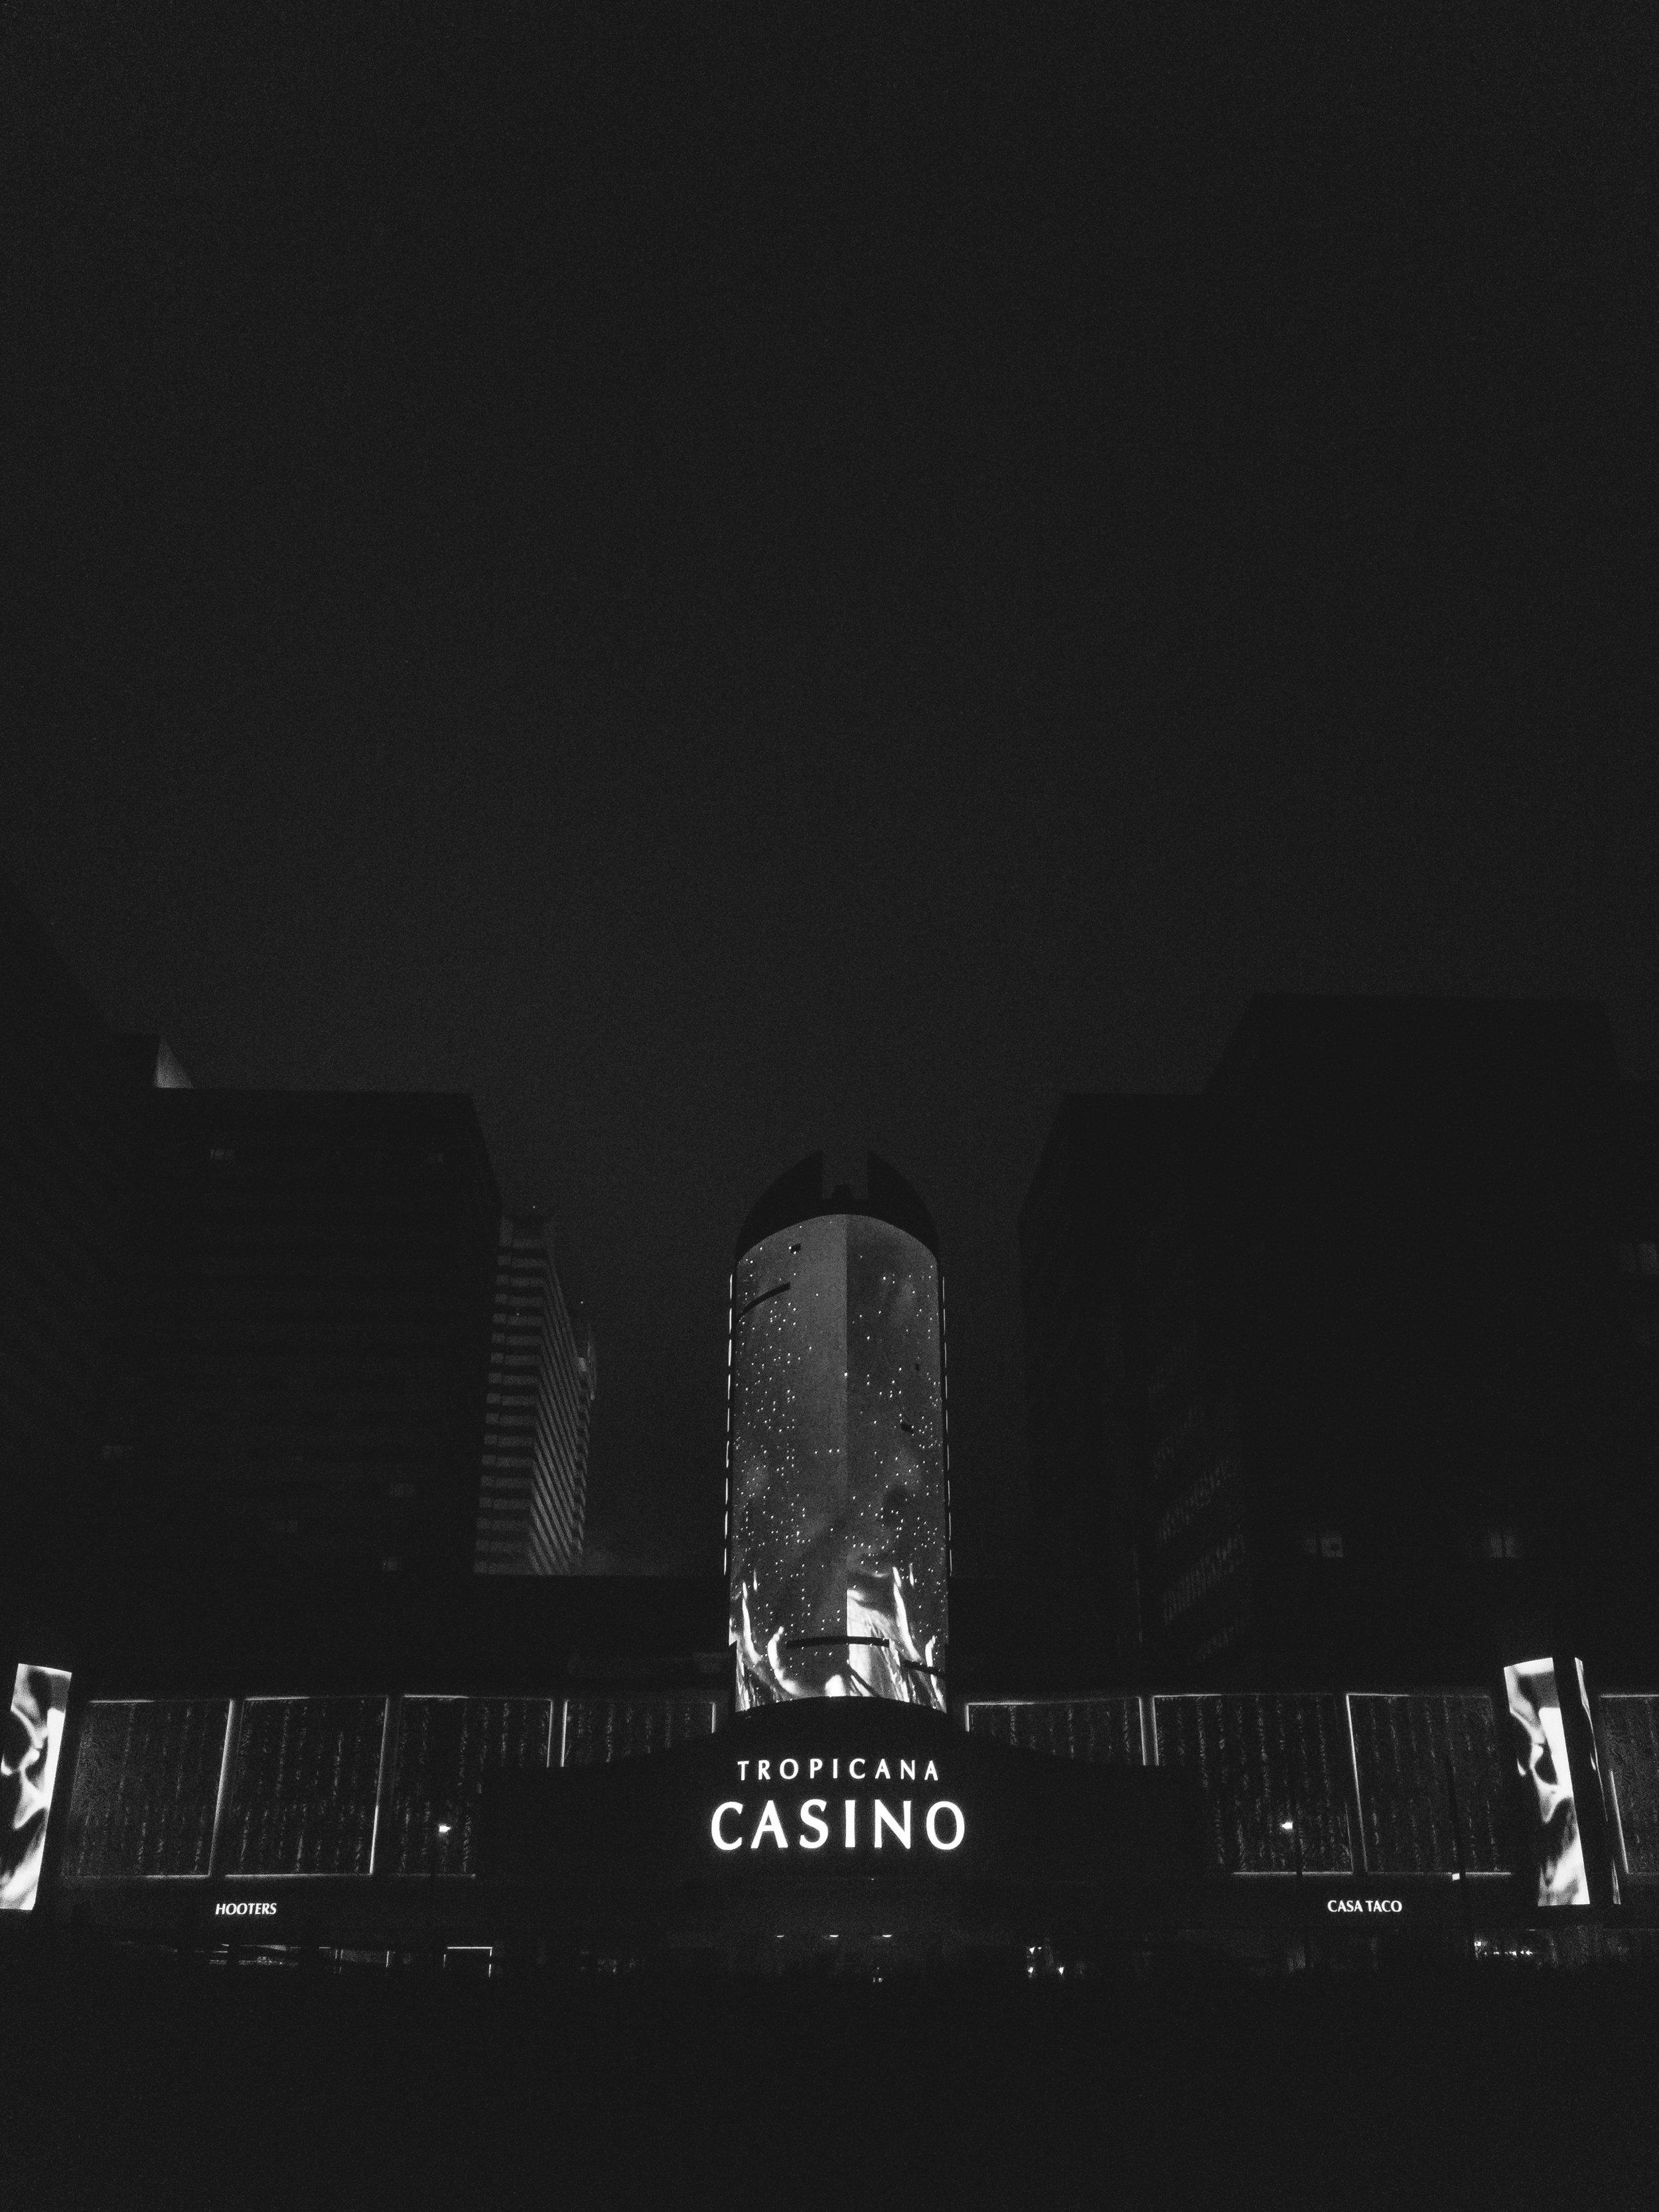 Atlantic City 2017 - iPhone edits - 18.JPG